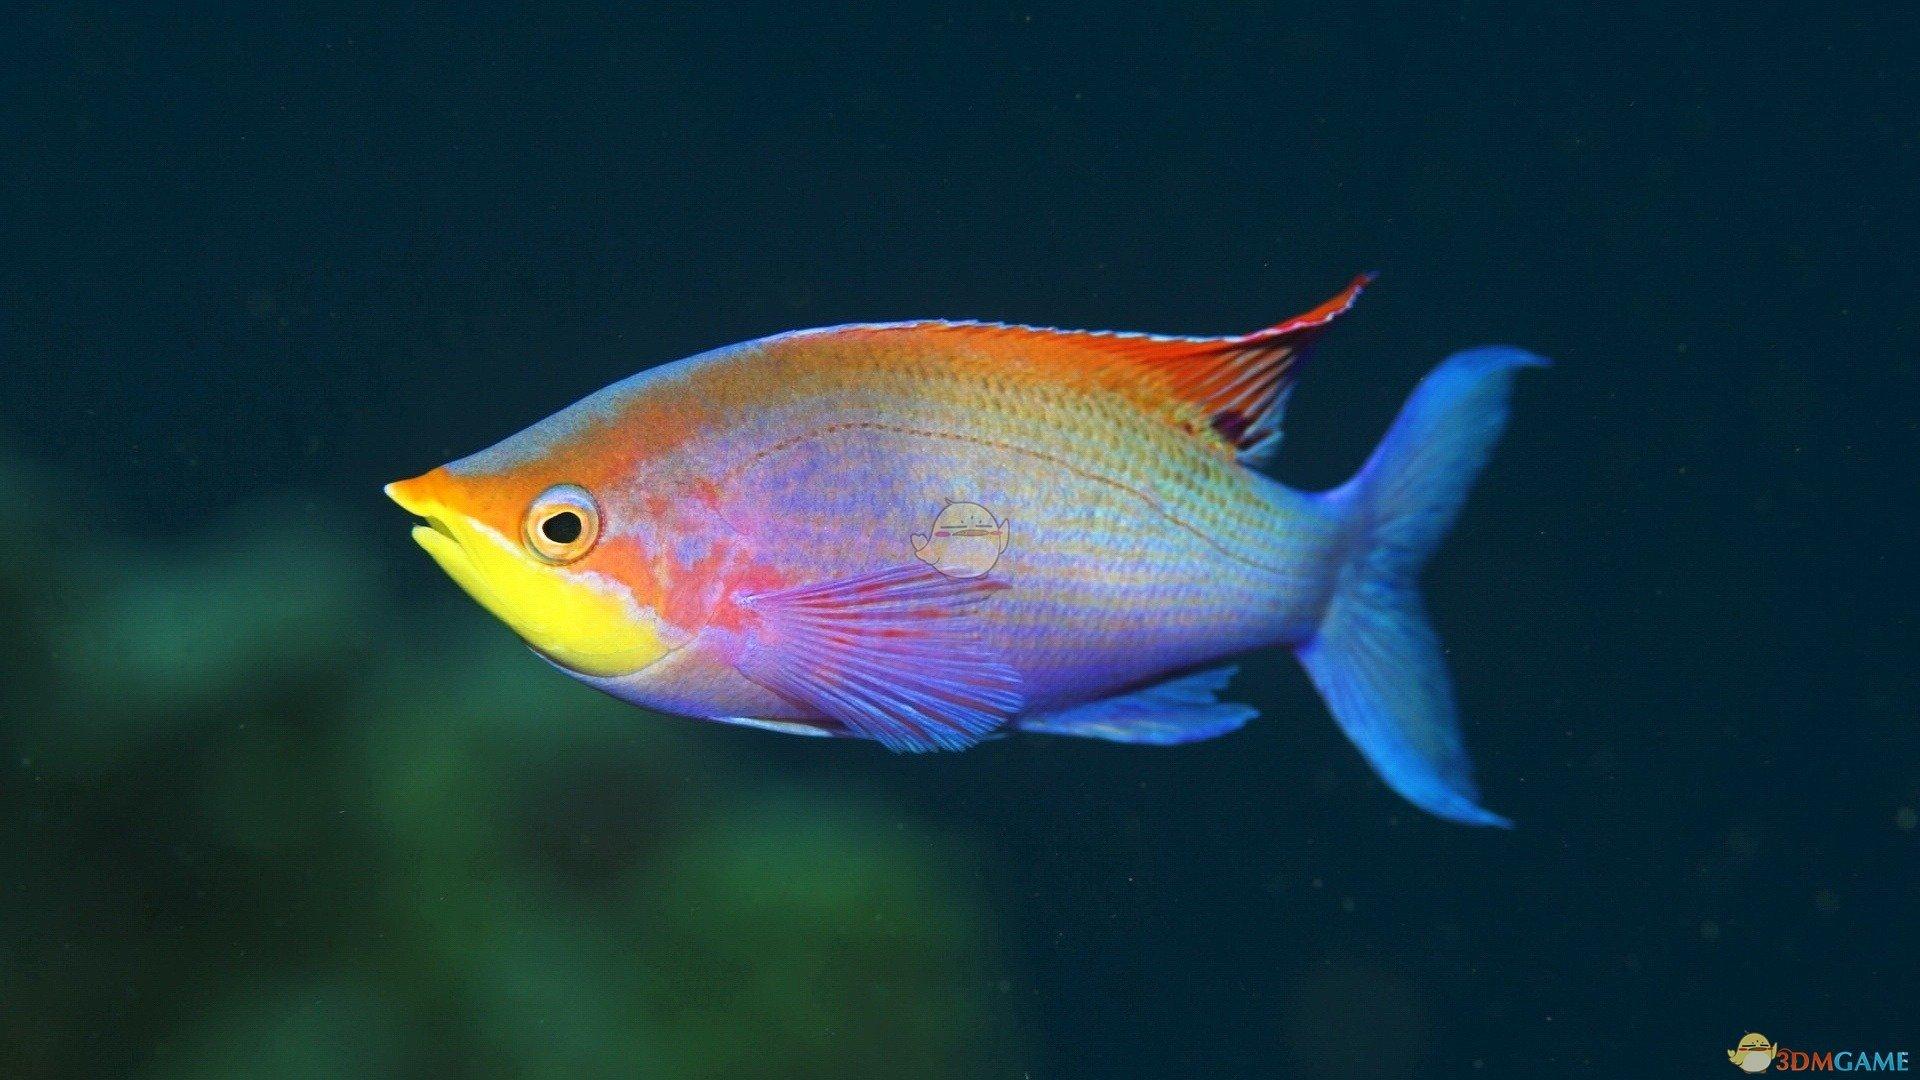 《集合啦!动物森友会》彩虹鱼图鉴